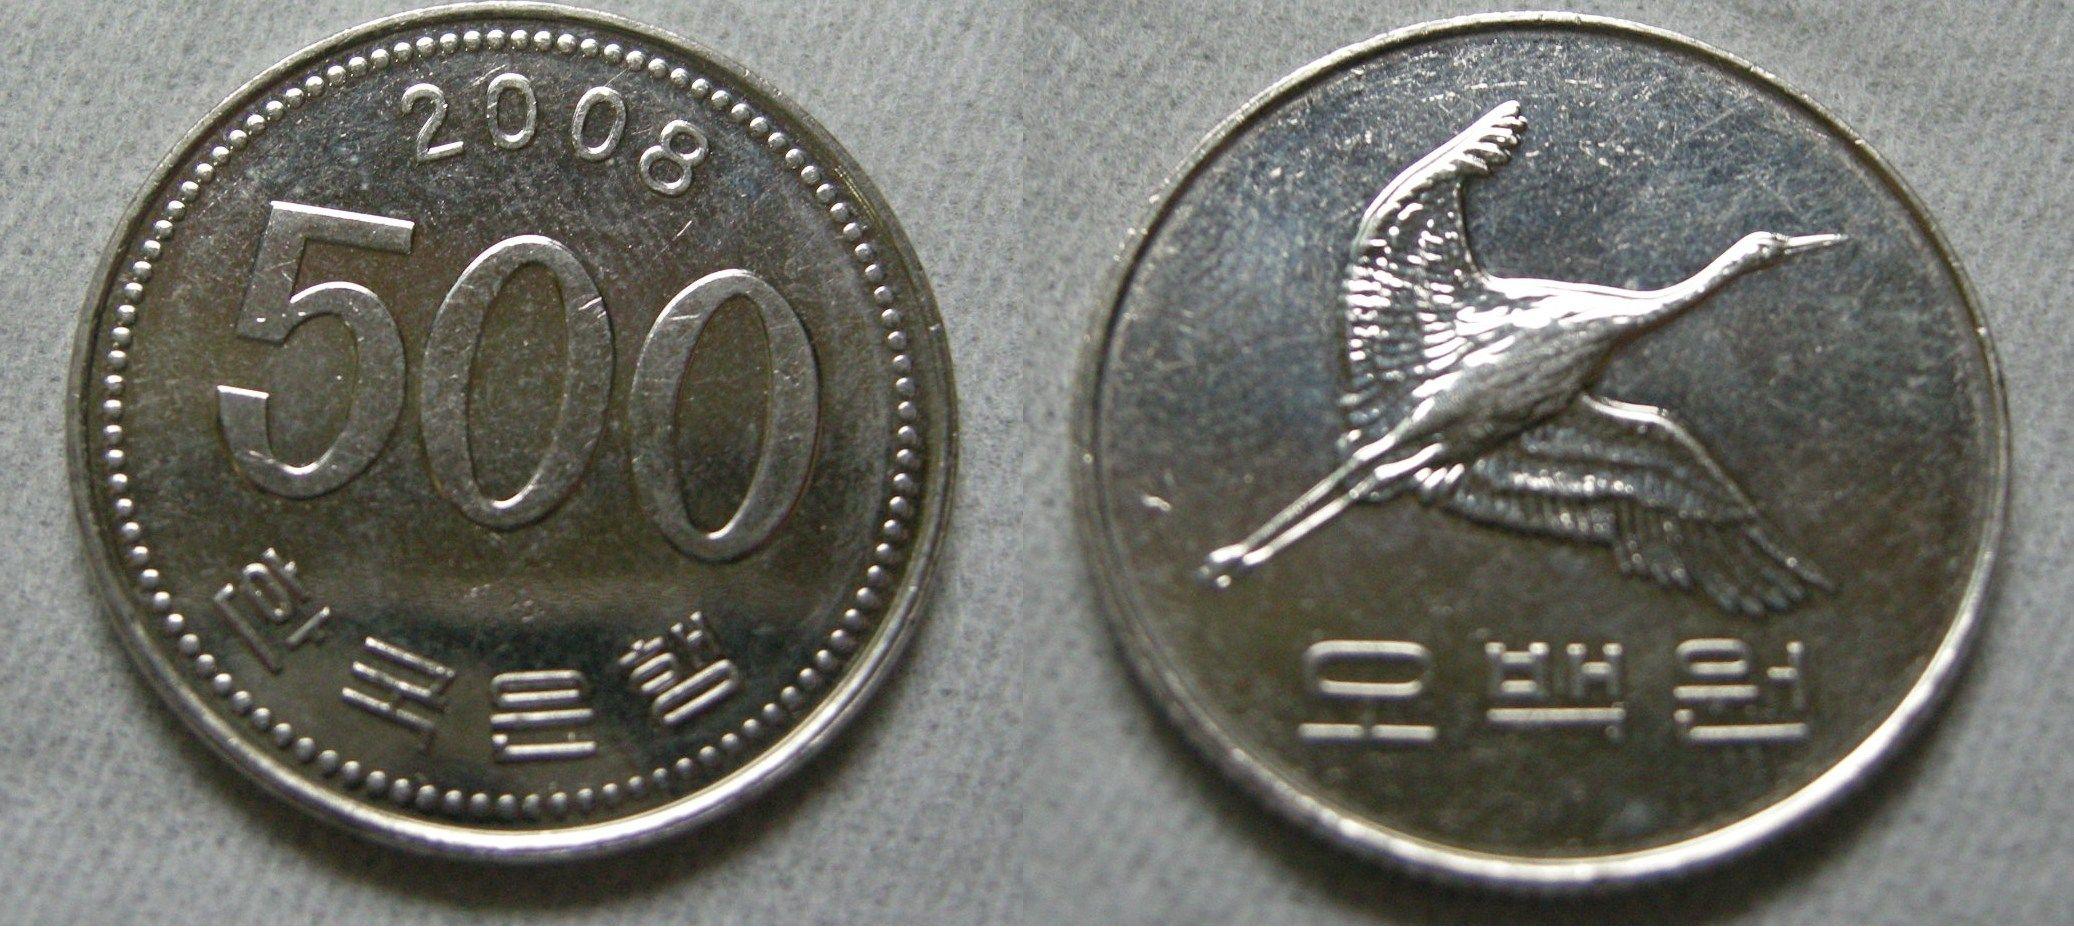 Korean 500 Won Coins 500 Won Coin Korean Currency